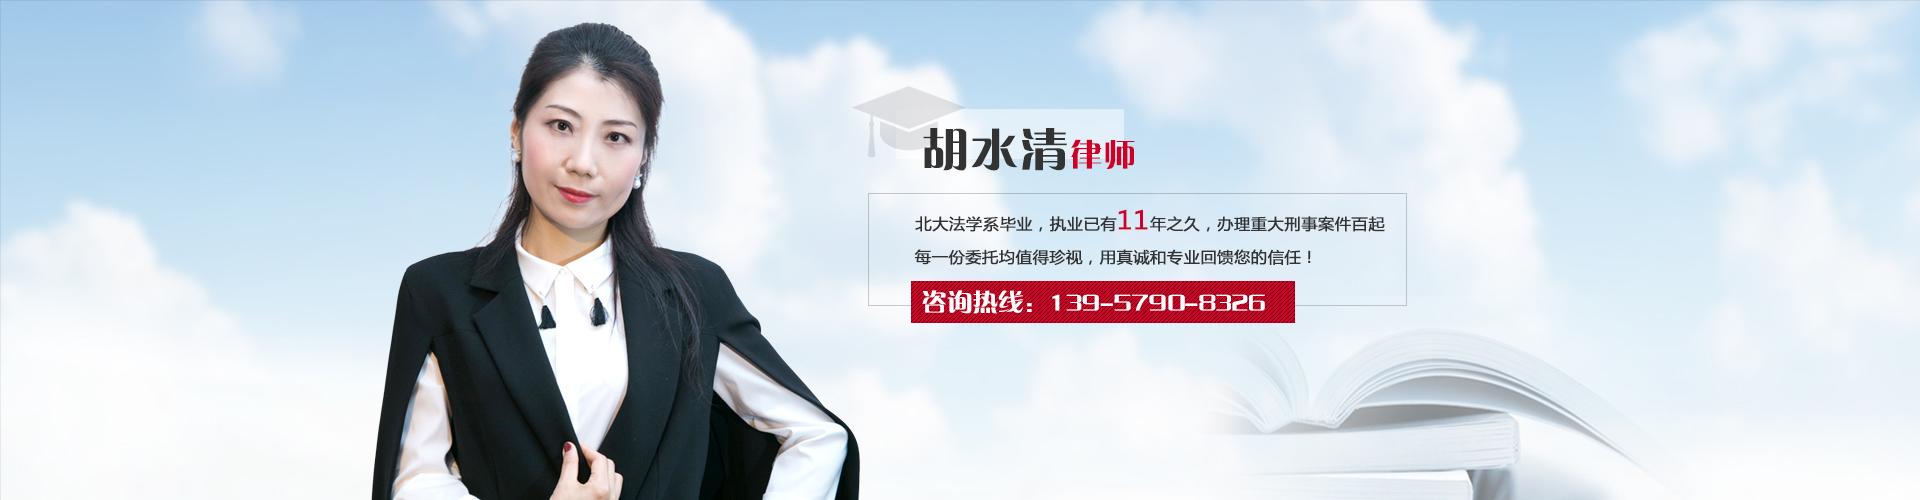 浙江胡水清律师